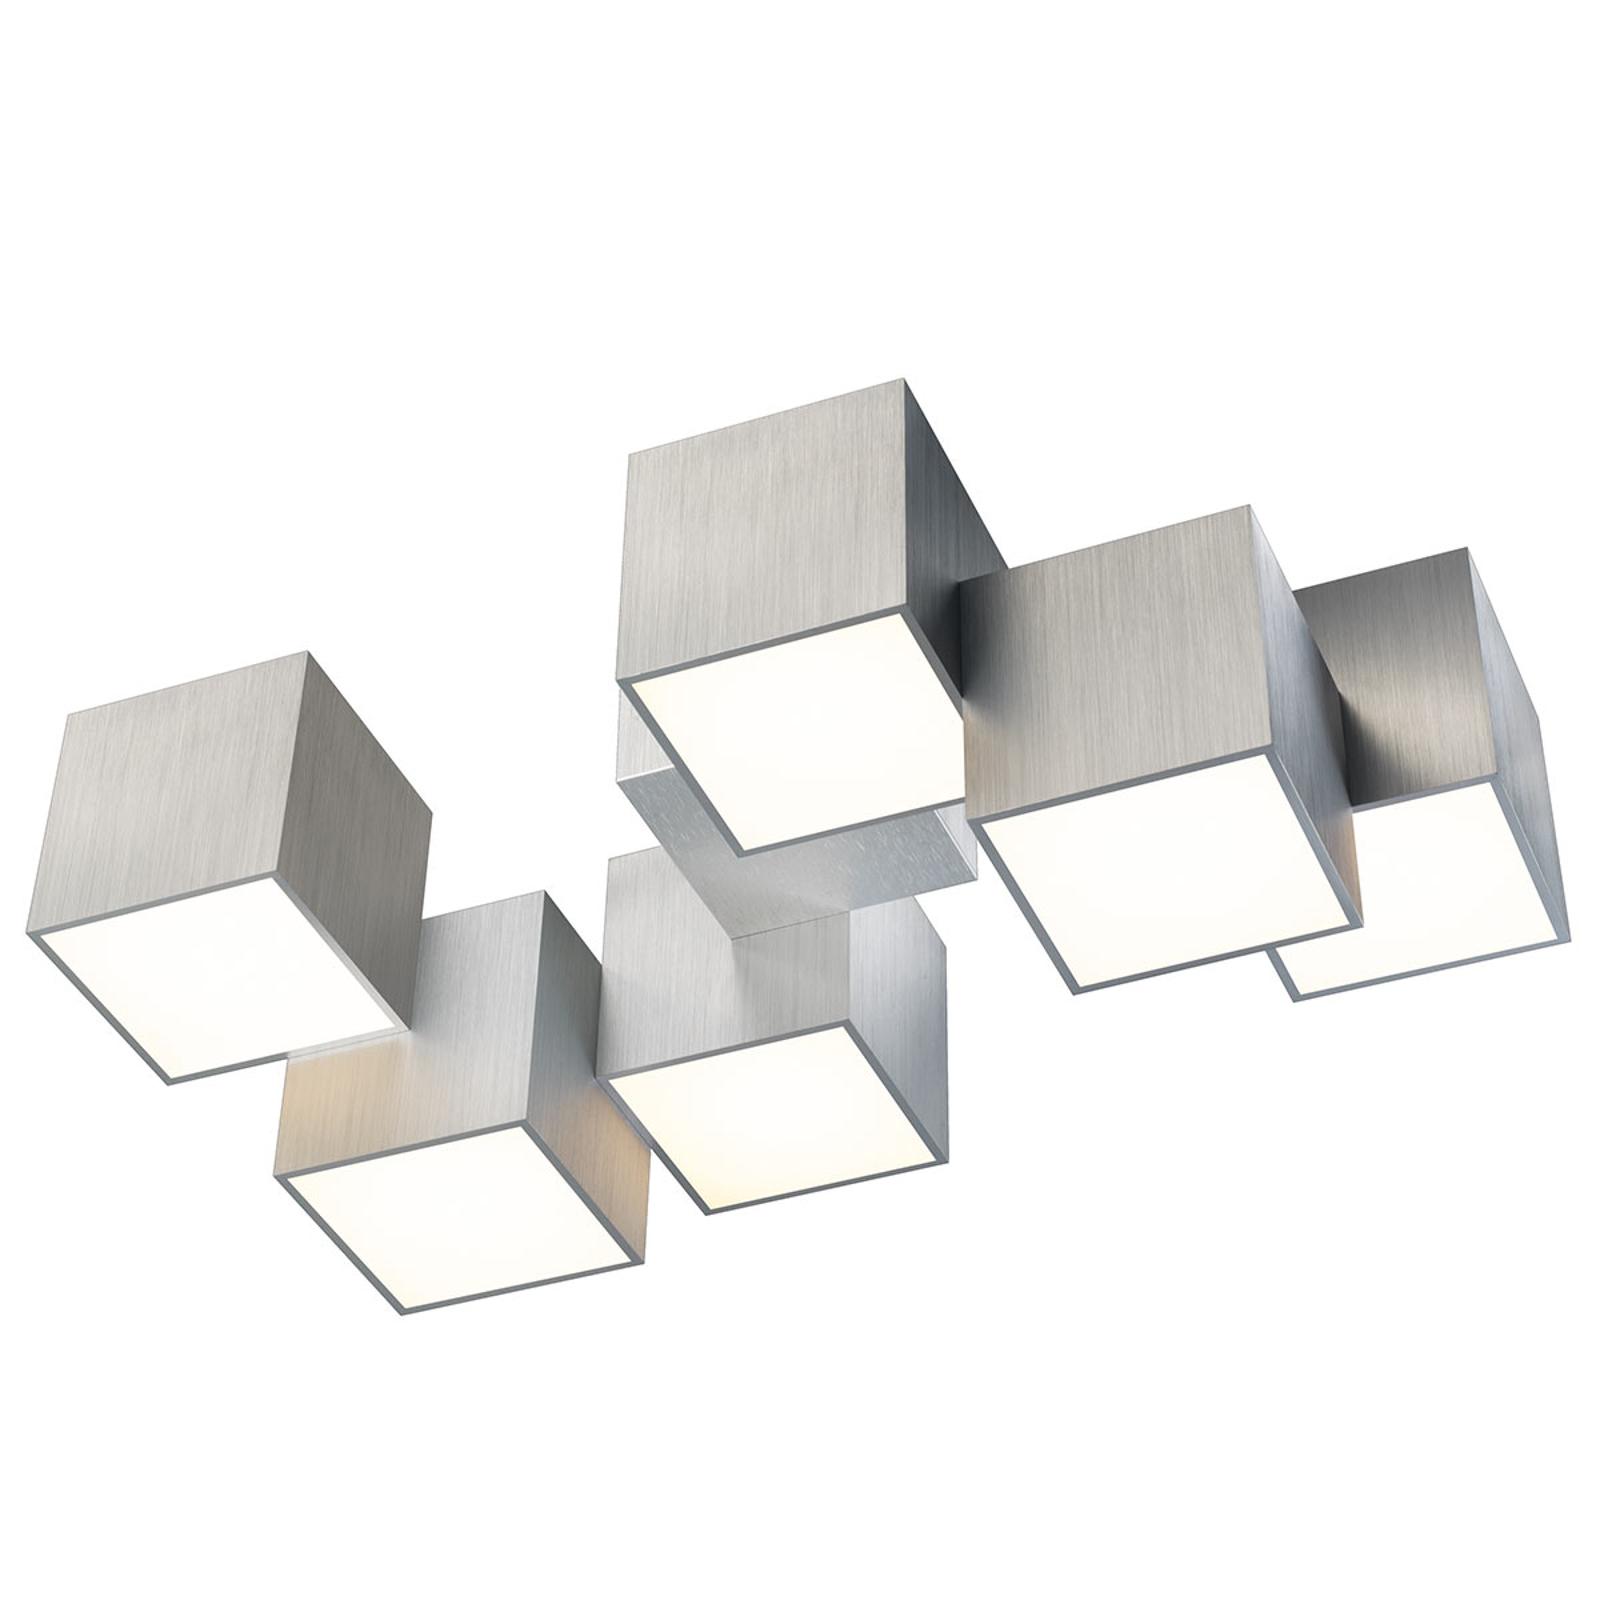 GROSSMANN Rocks LED-taklampe, 6 lyskilder